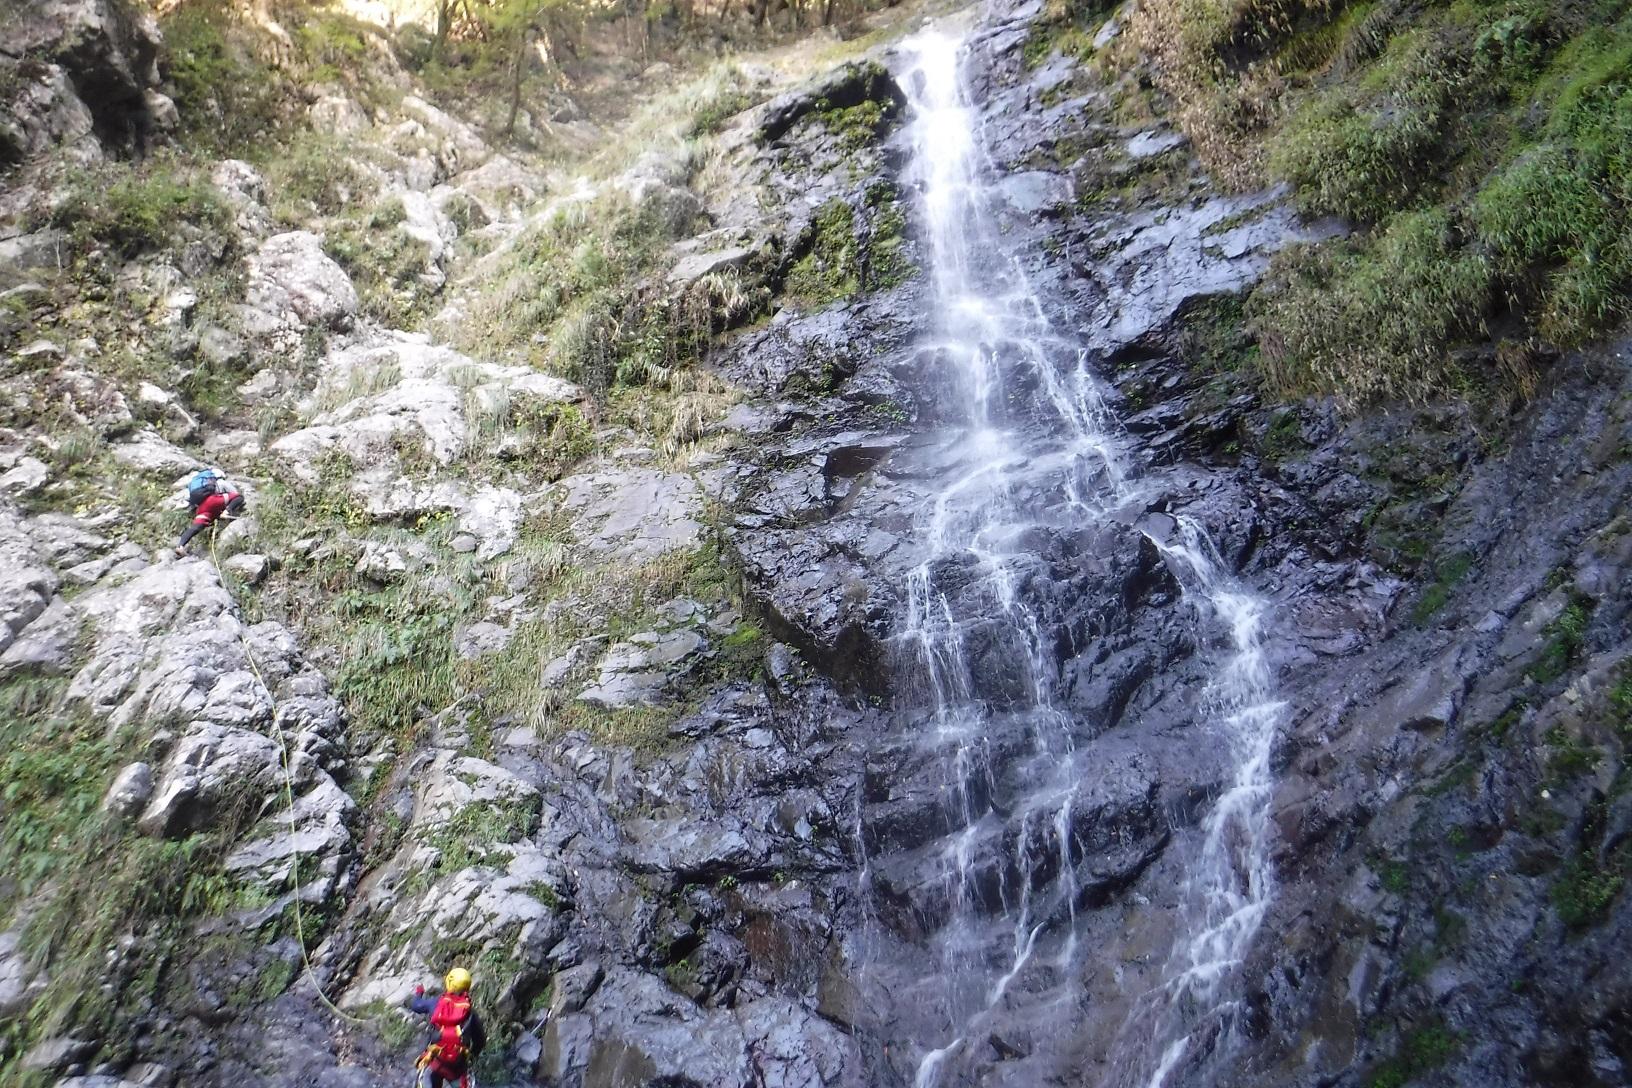 久瀬谷大滝の写真